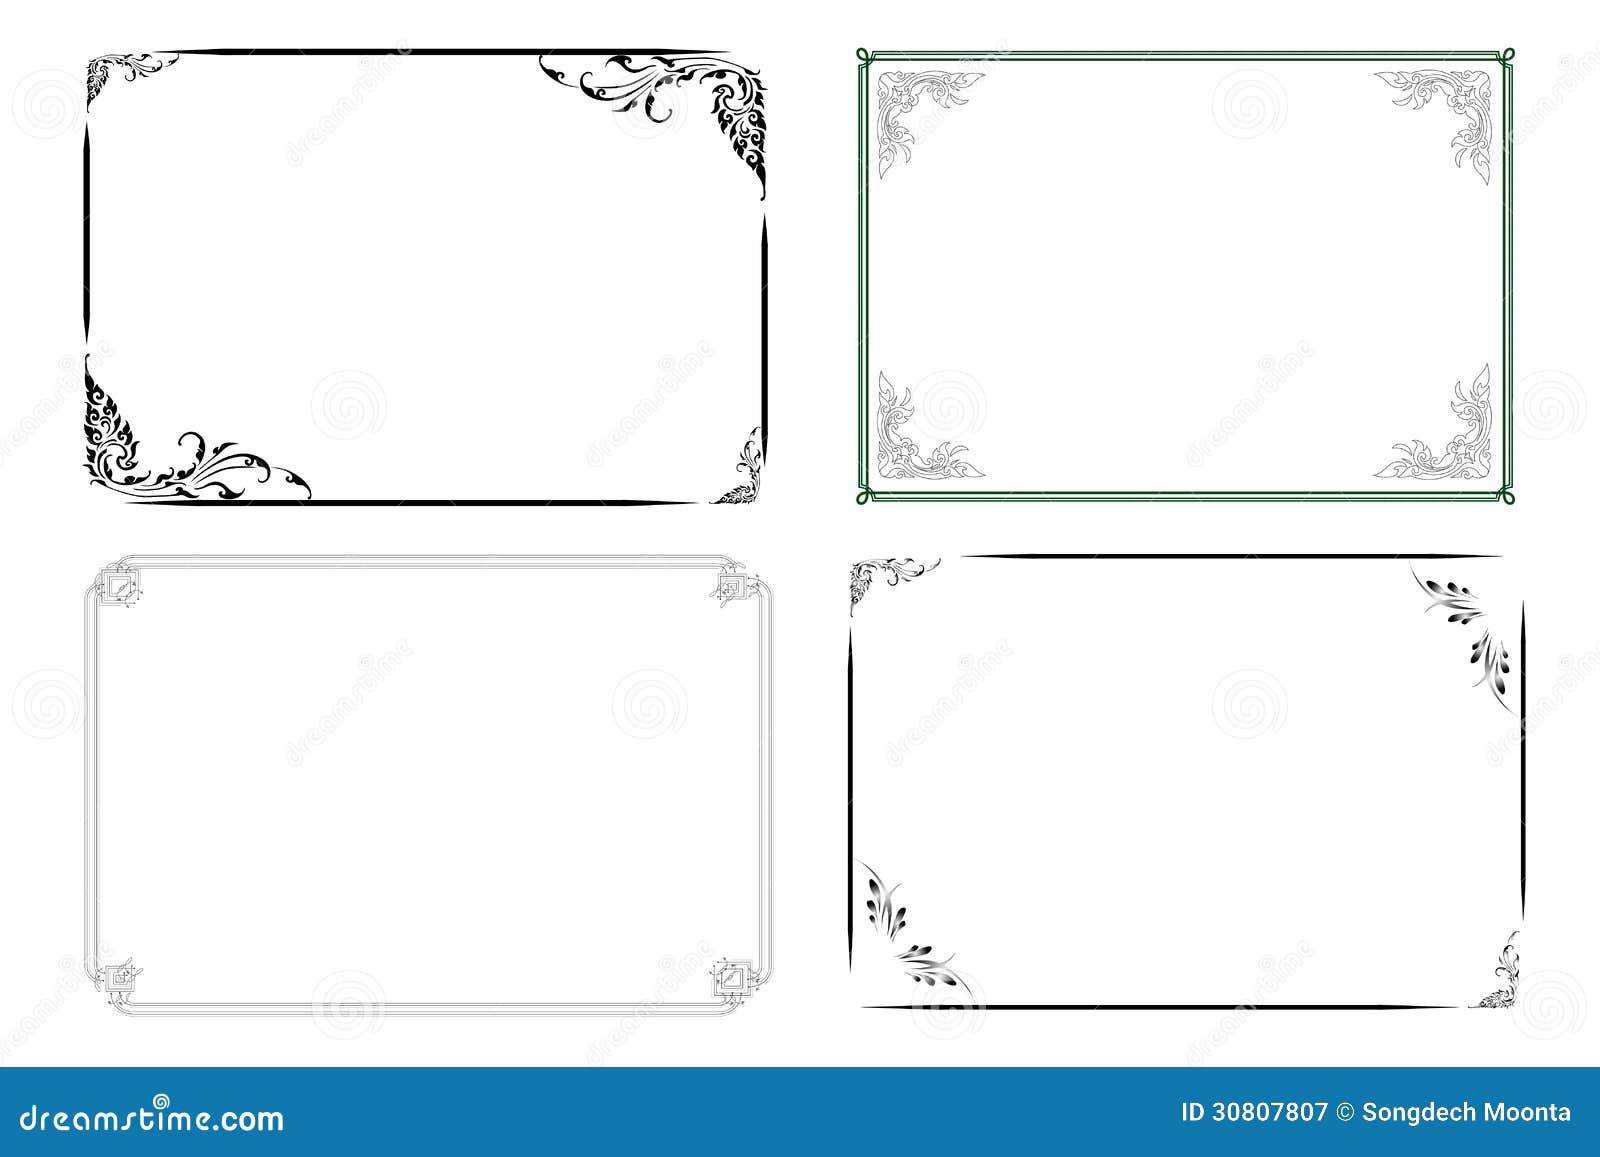 mirror white frame